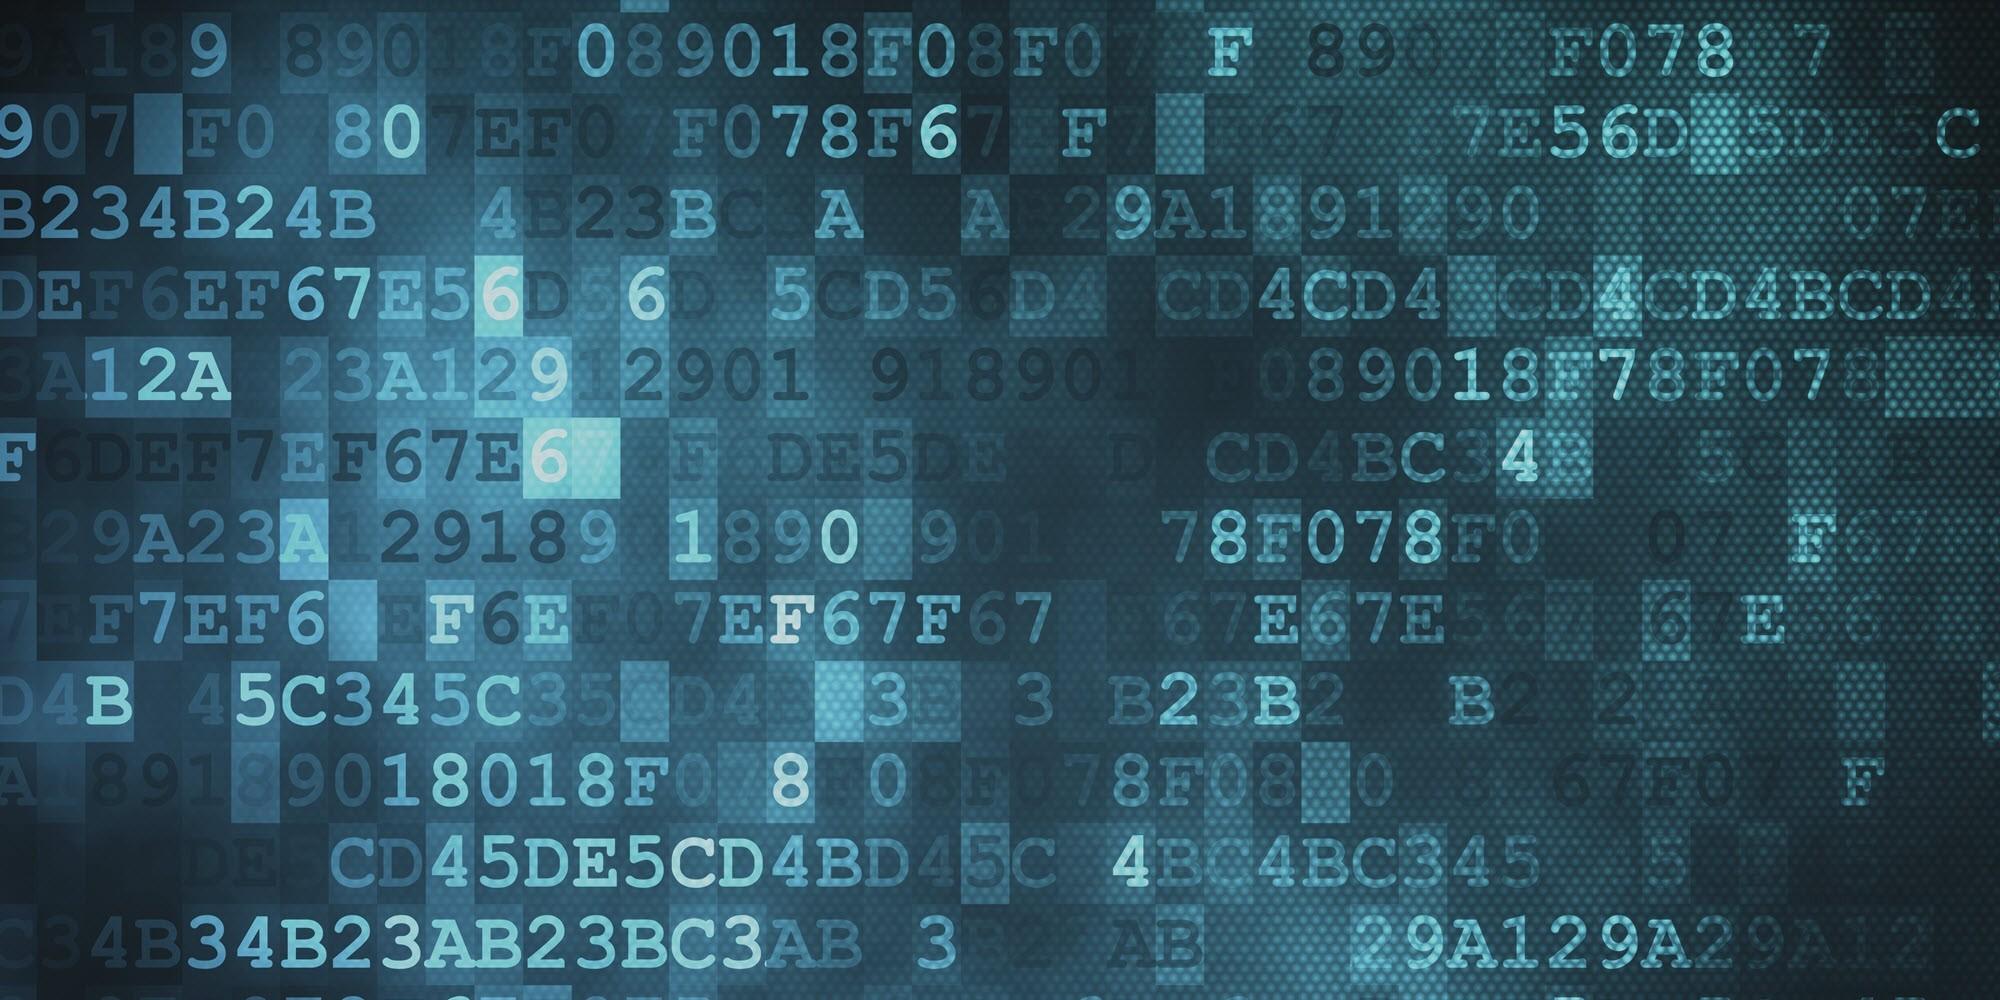 17 مليار دولار قيمة سوق تحليل البيانات في العالم